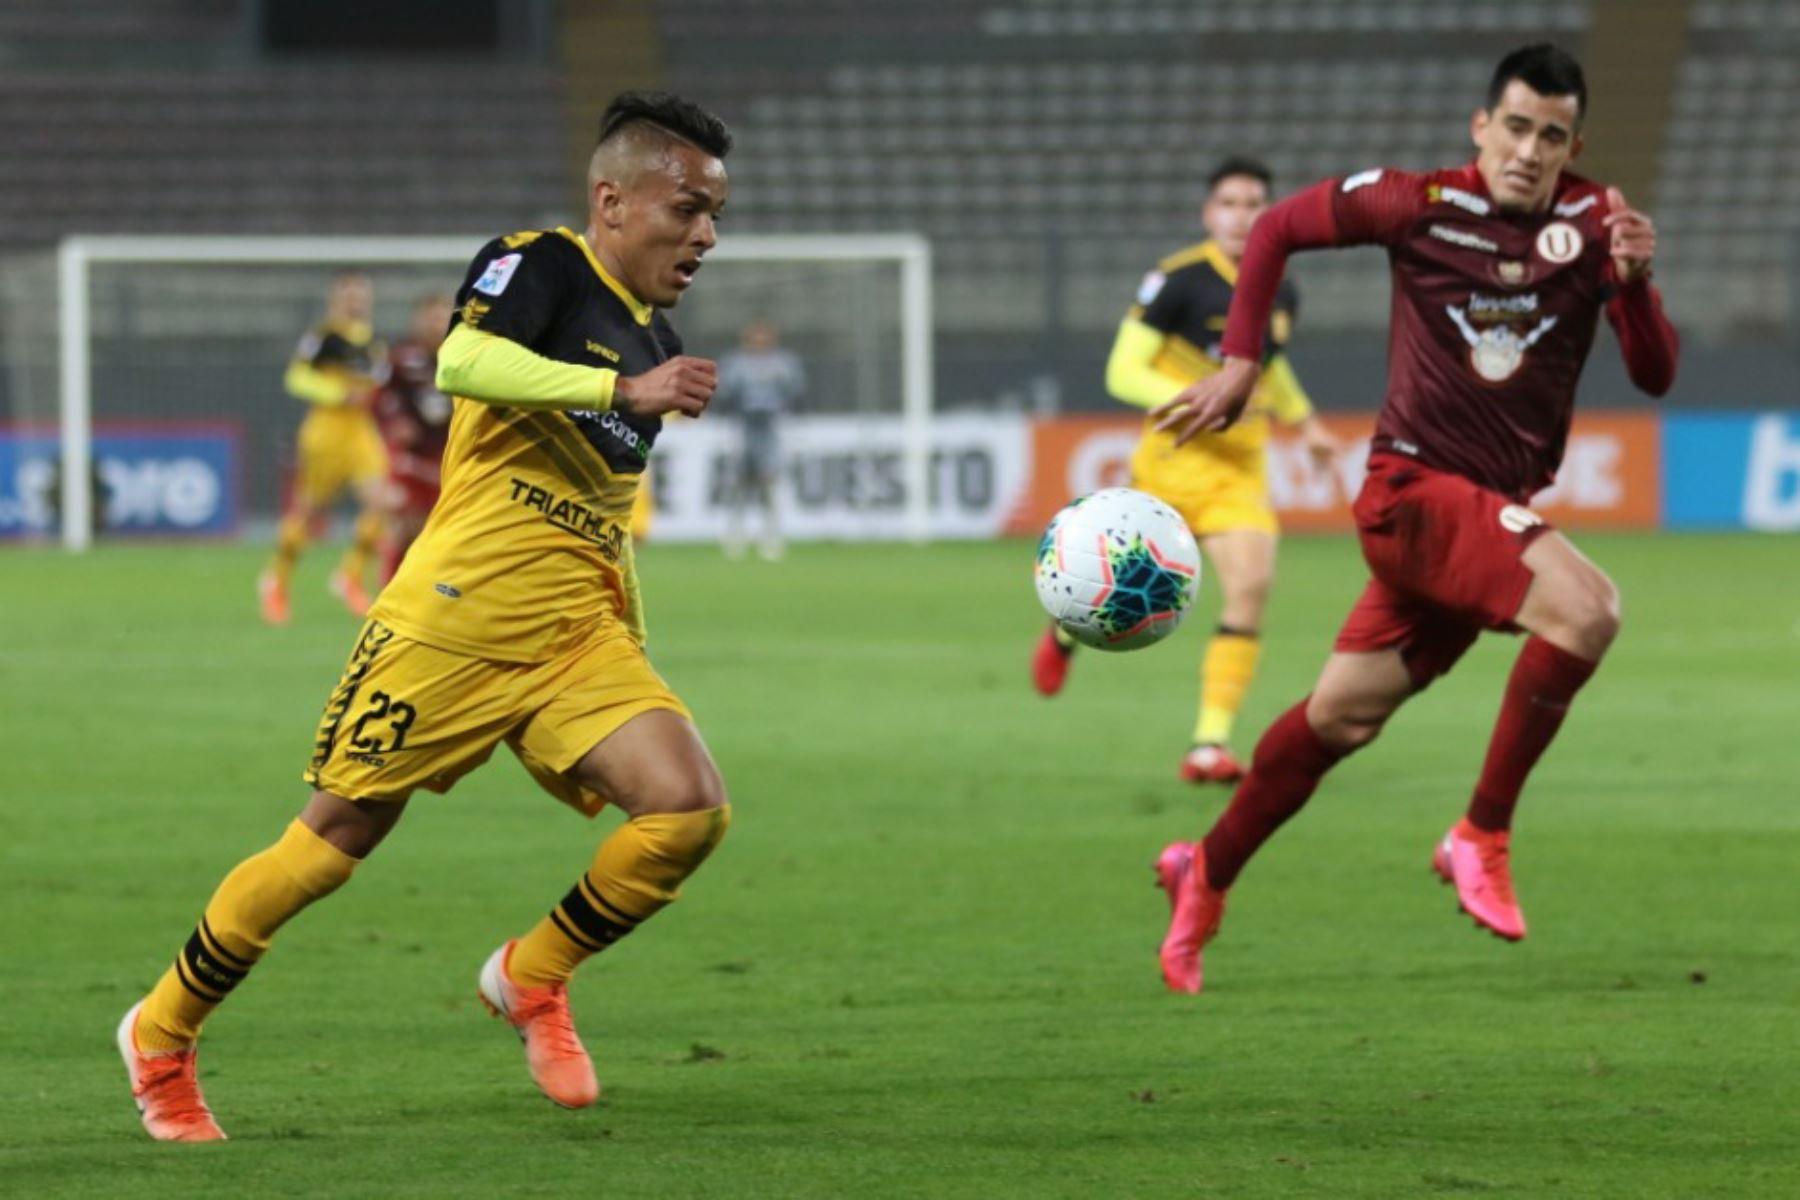 Universitario de Deportes empata 0 a 0 ante Cantolao en la fase 1 de la Liga Movistar en el estadio Nacional. Foto: Liga 1 de Fútbol Profesional